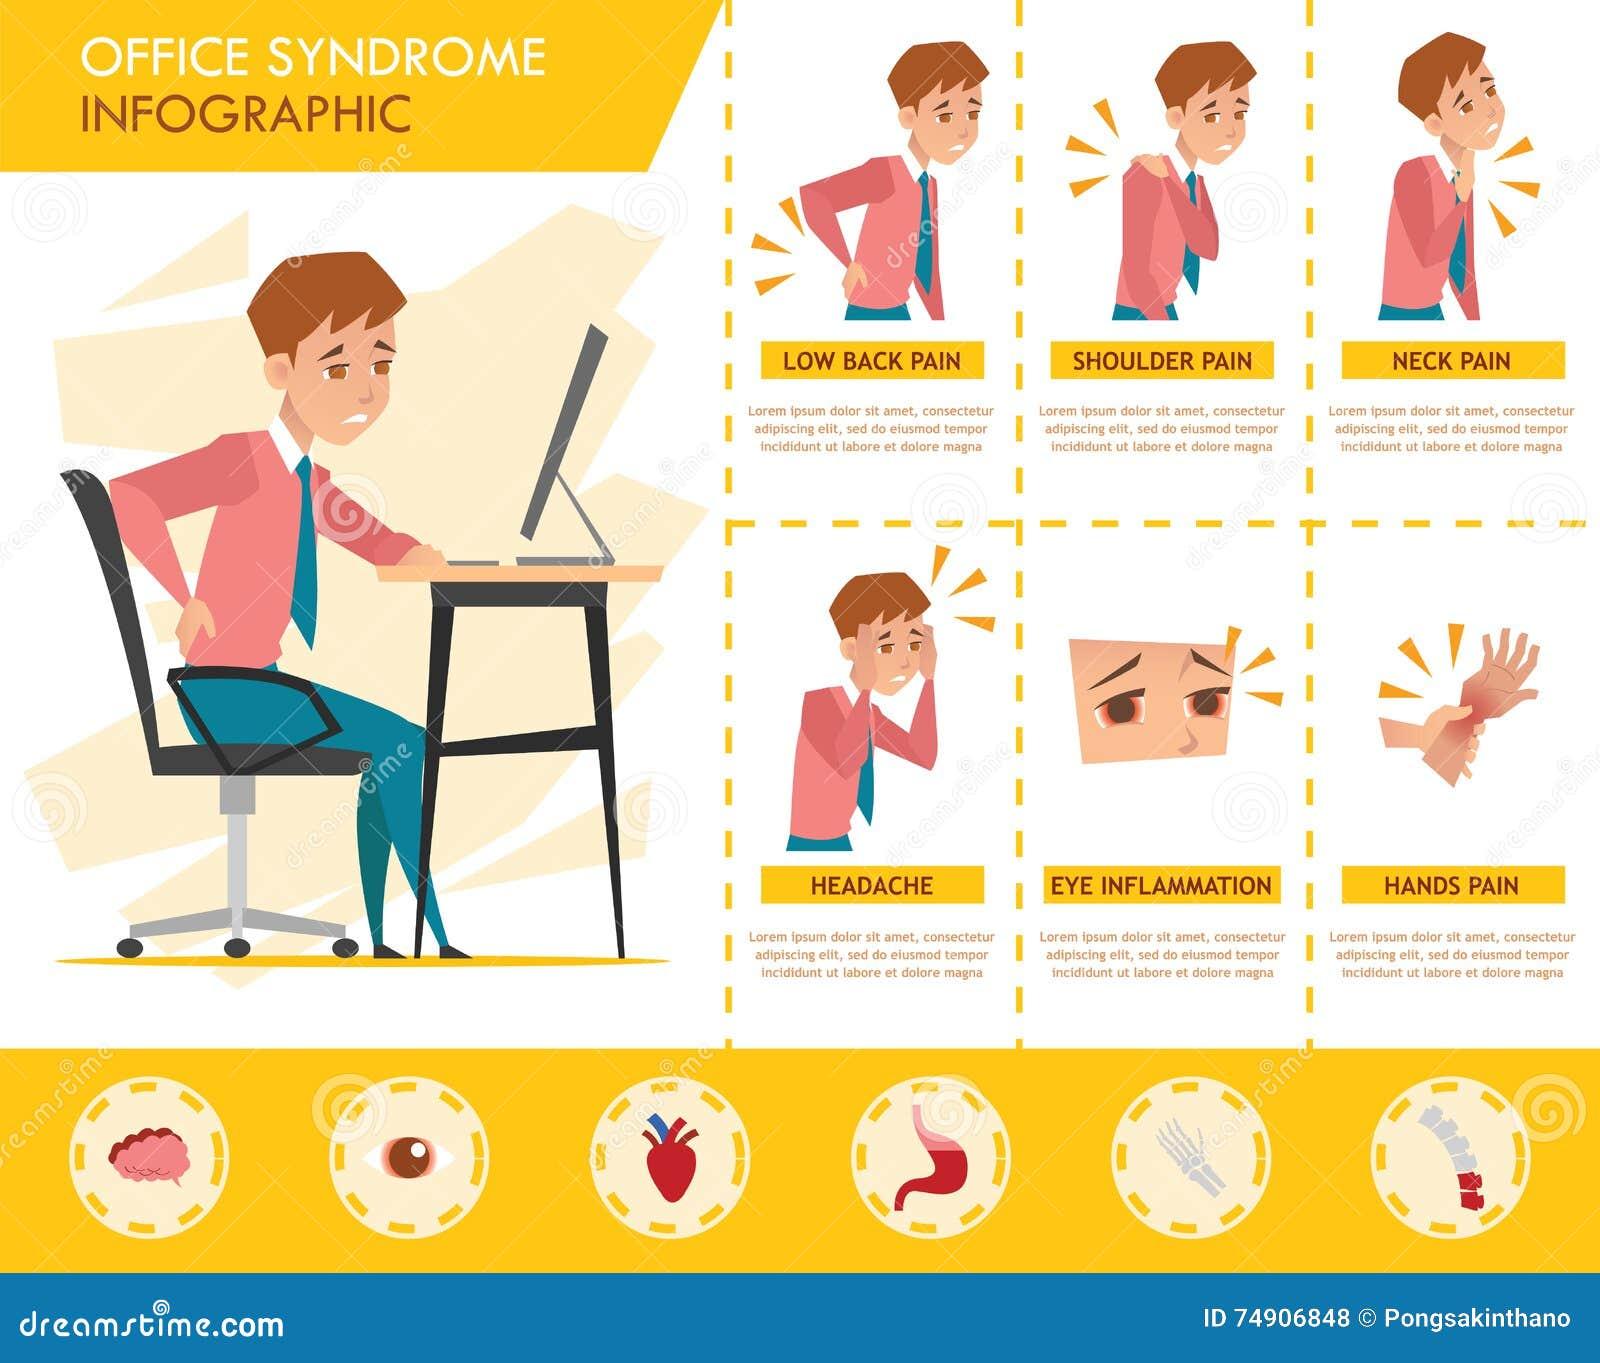 供以人员办公室综合症状信息图表和舒展锻炼